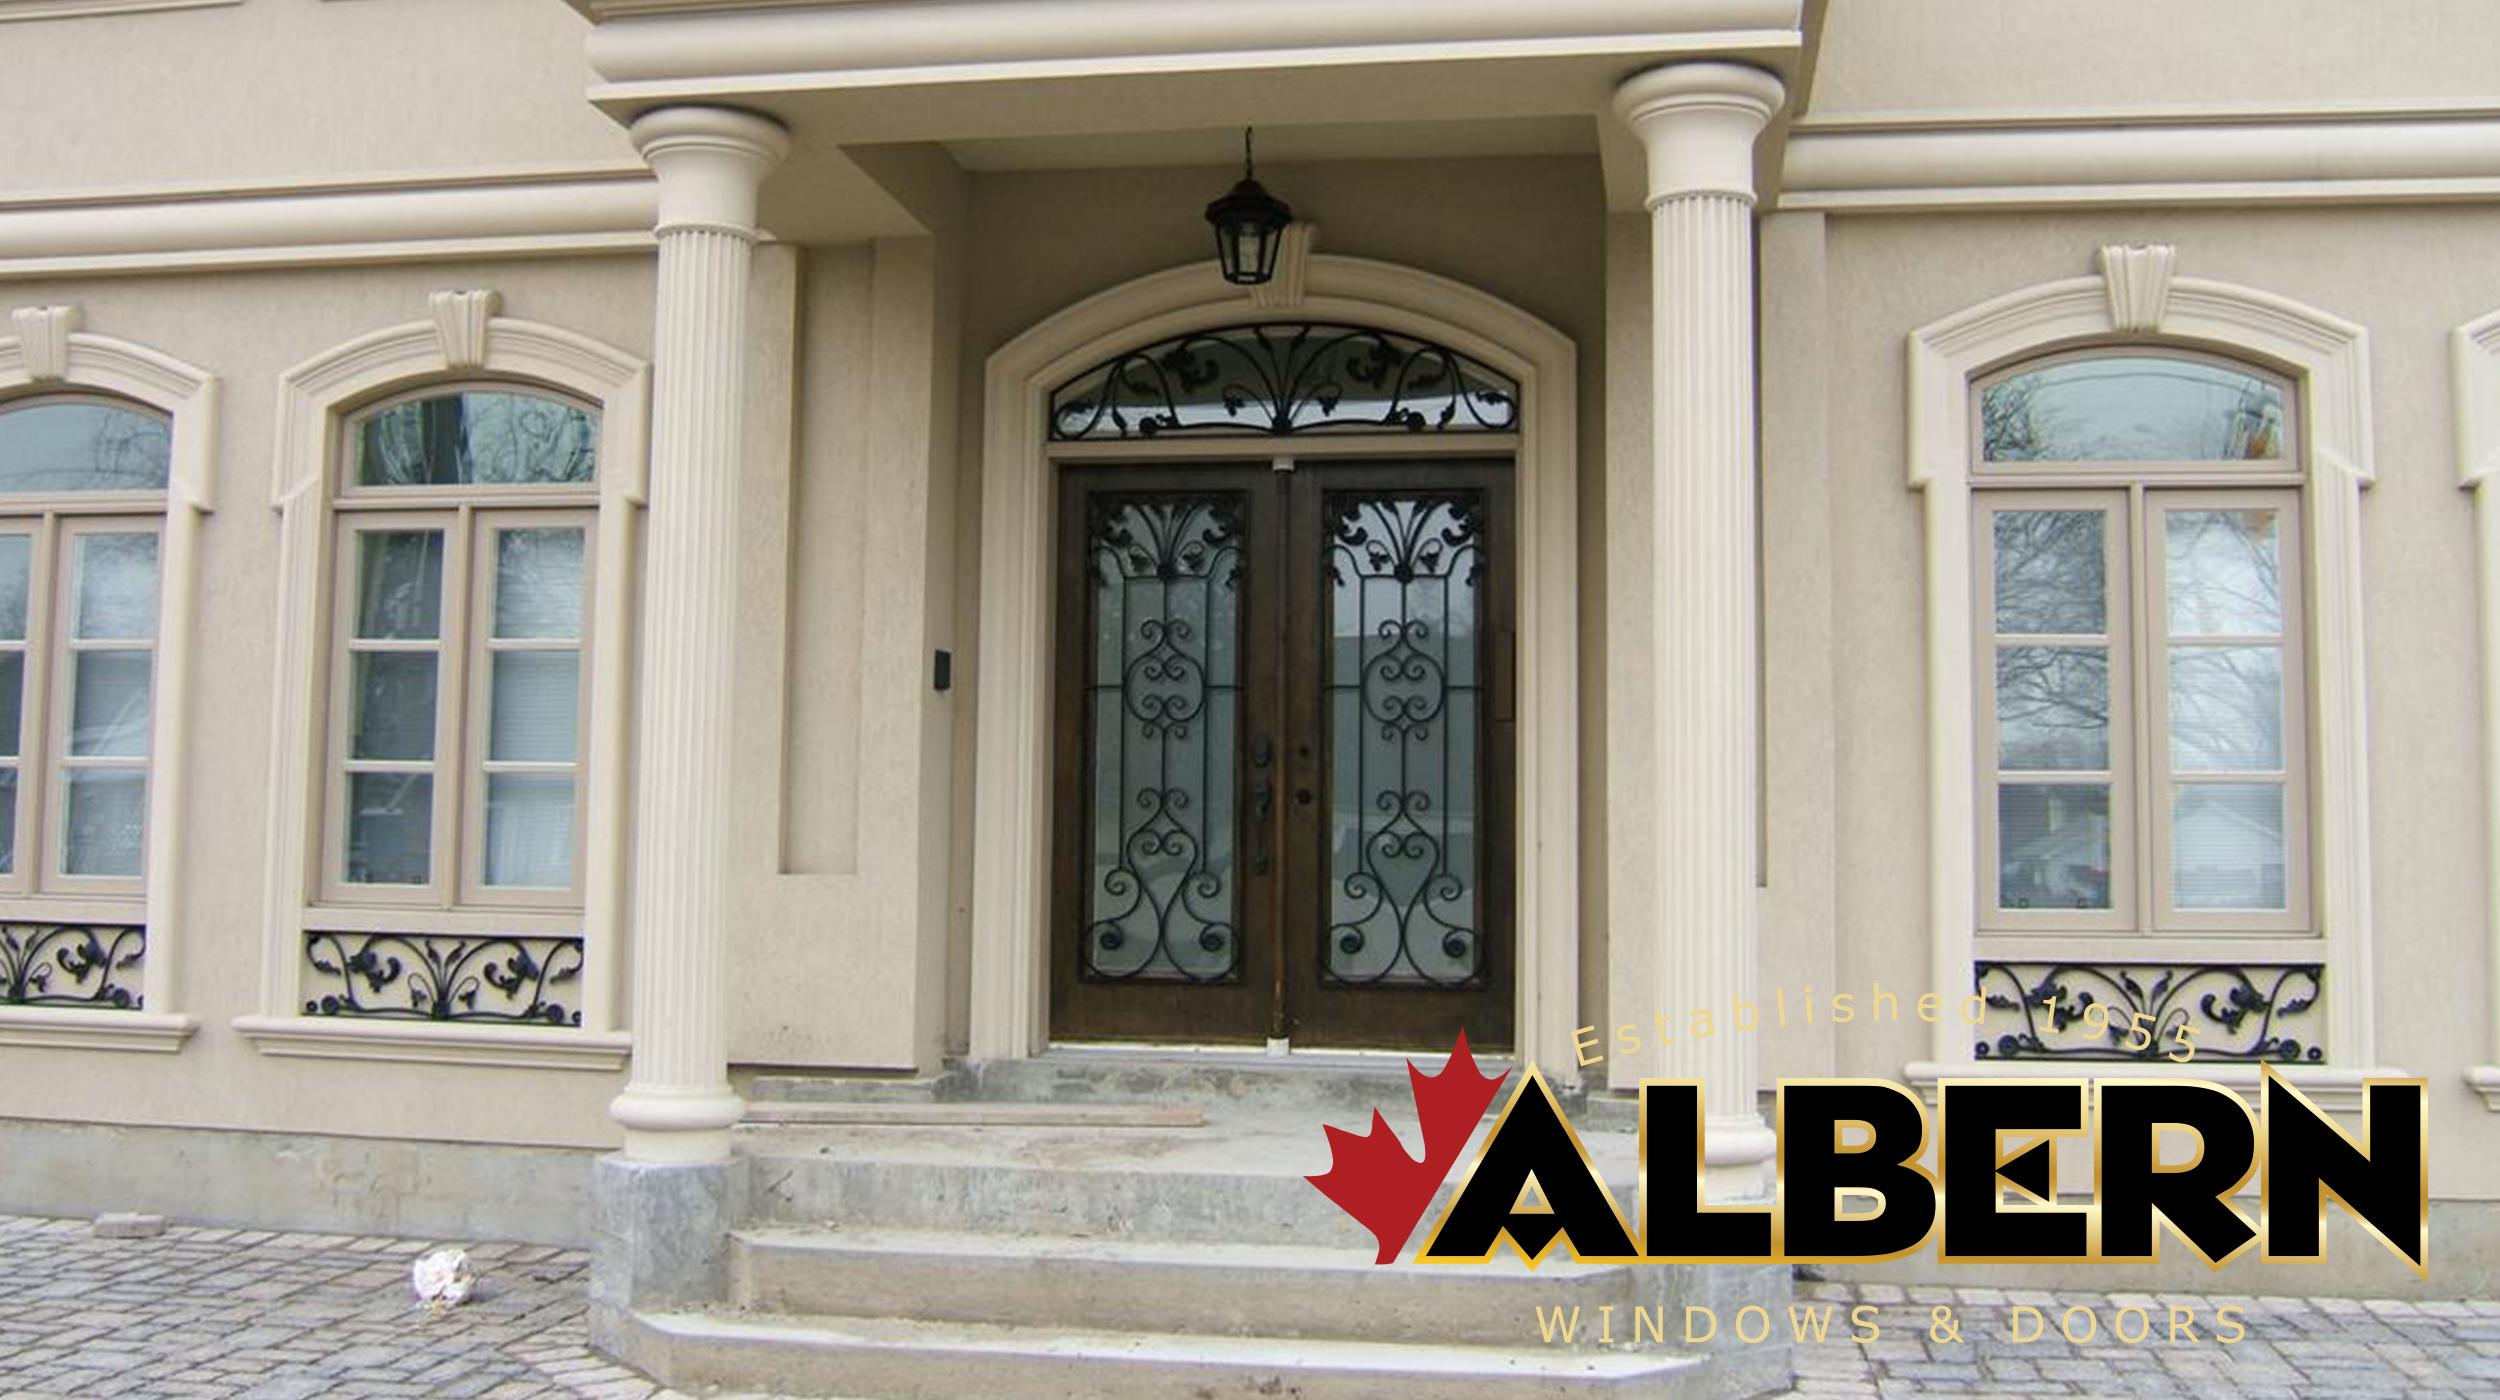 Albern-Doors-2500-x-1400.jpg